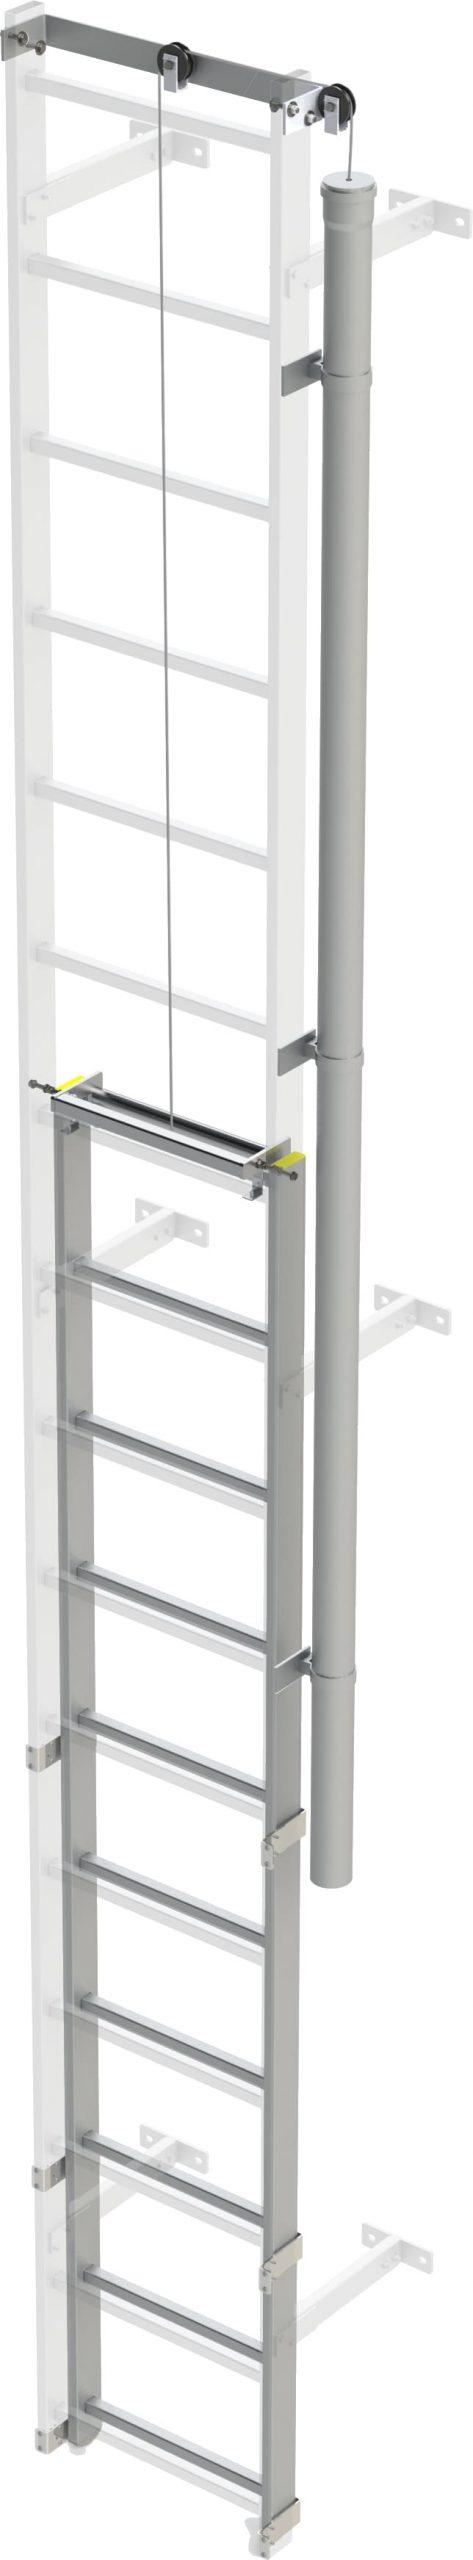 ochrana vstupu zabezpečenie vstupu vysunuteľné pre výstupový rebrík na budove